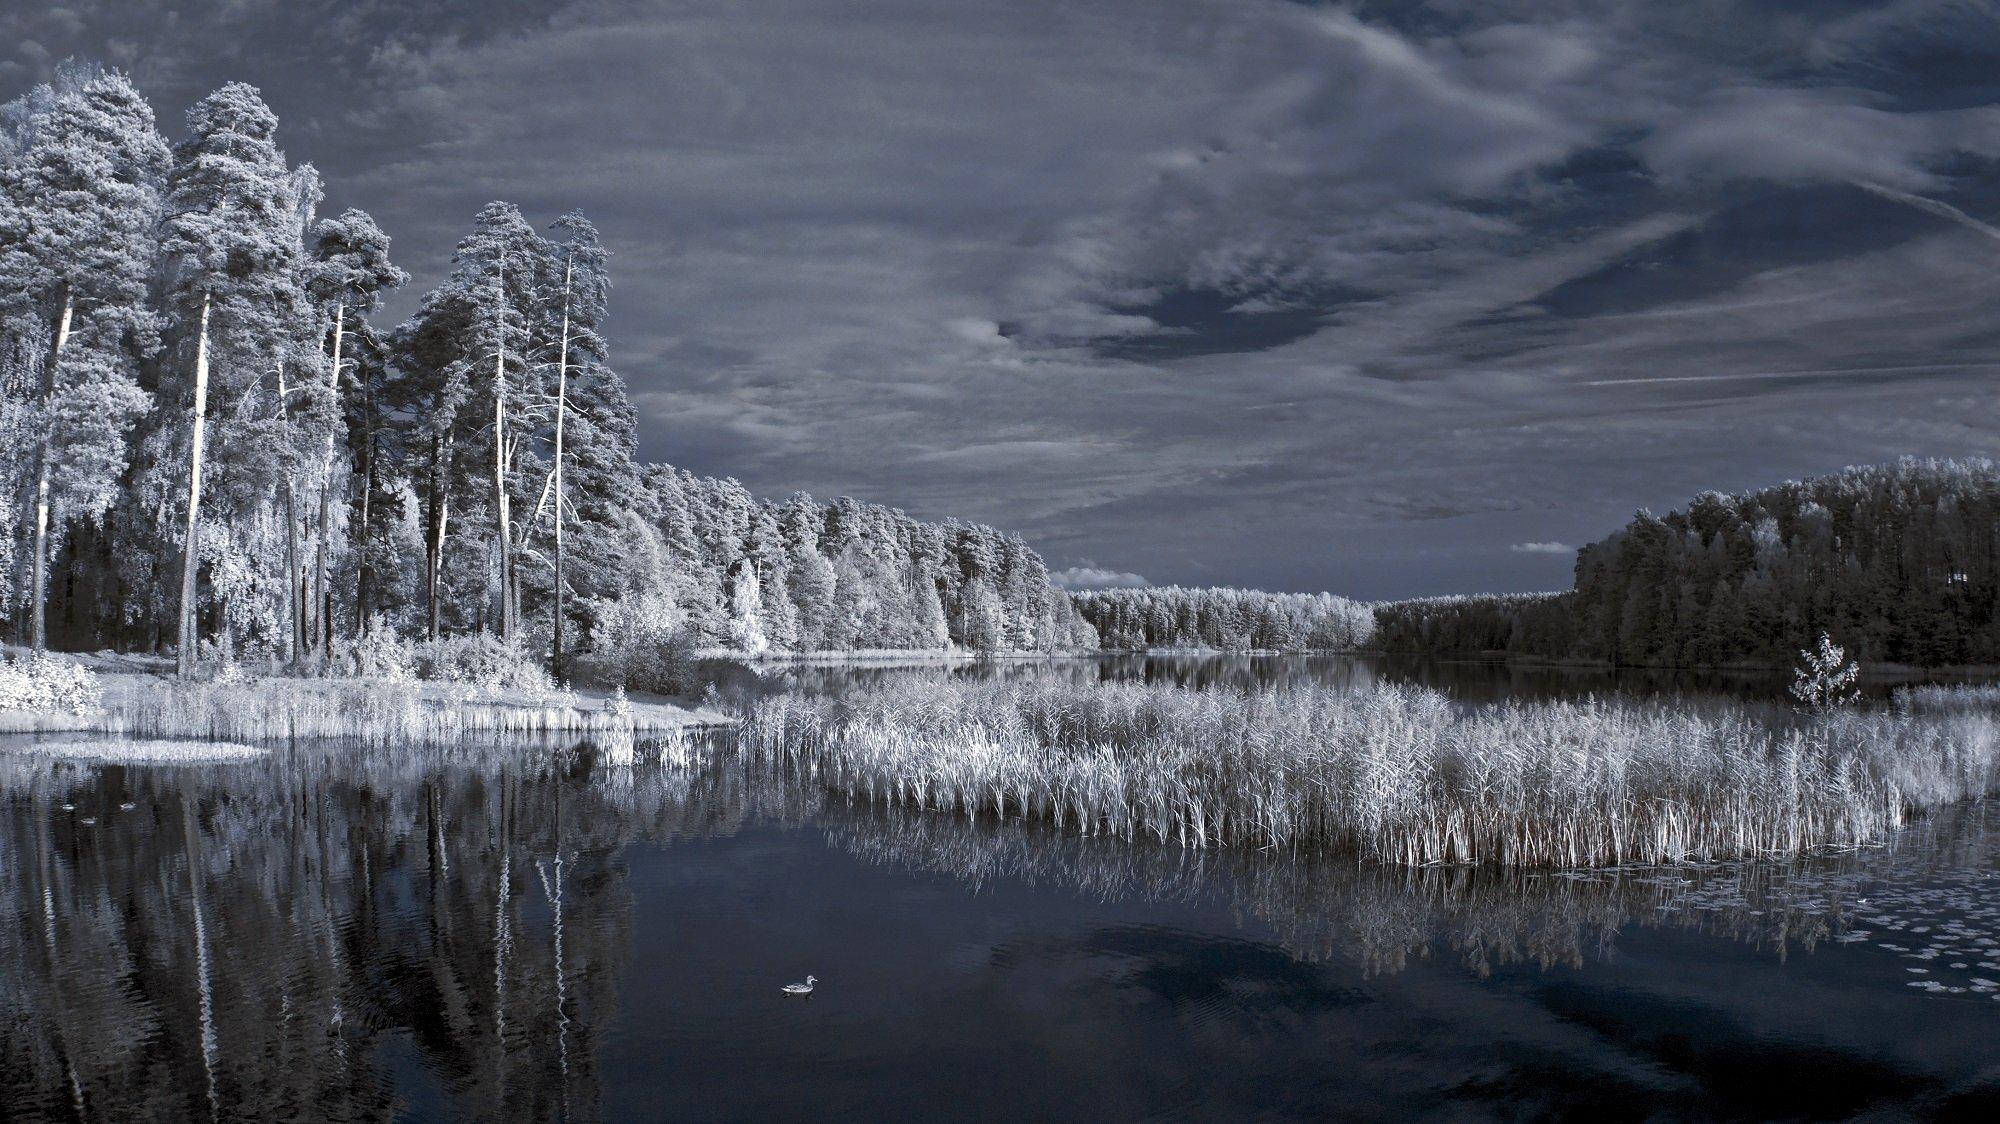 infrared,ик-фото,инфракрасное фото,инфракрасная фотография,пейзаж,природа,беларусь,осень, Sixten ( Сергей )